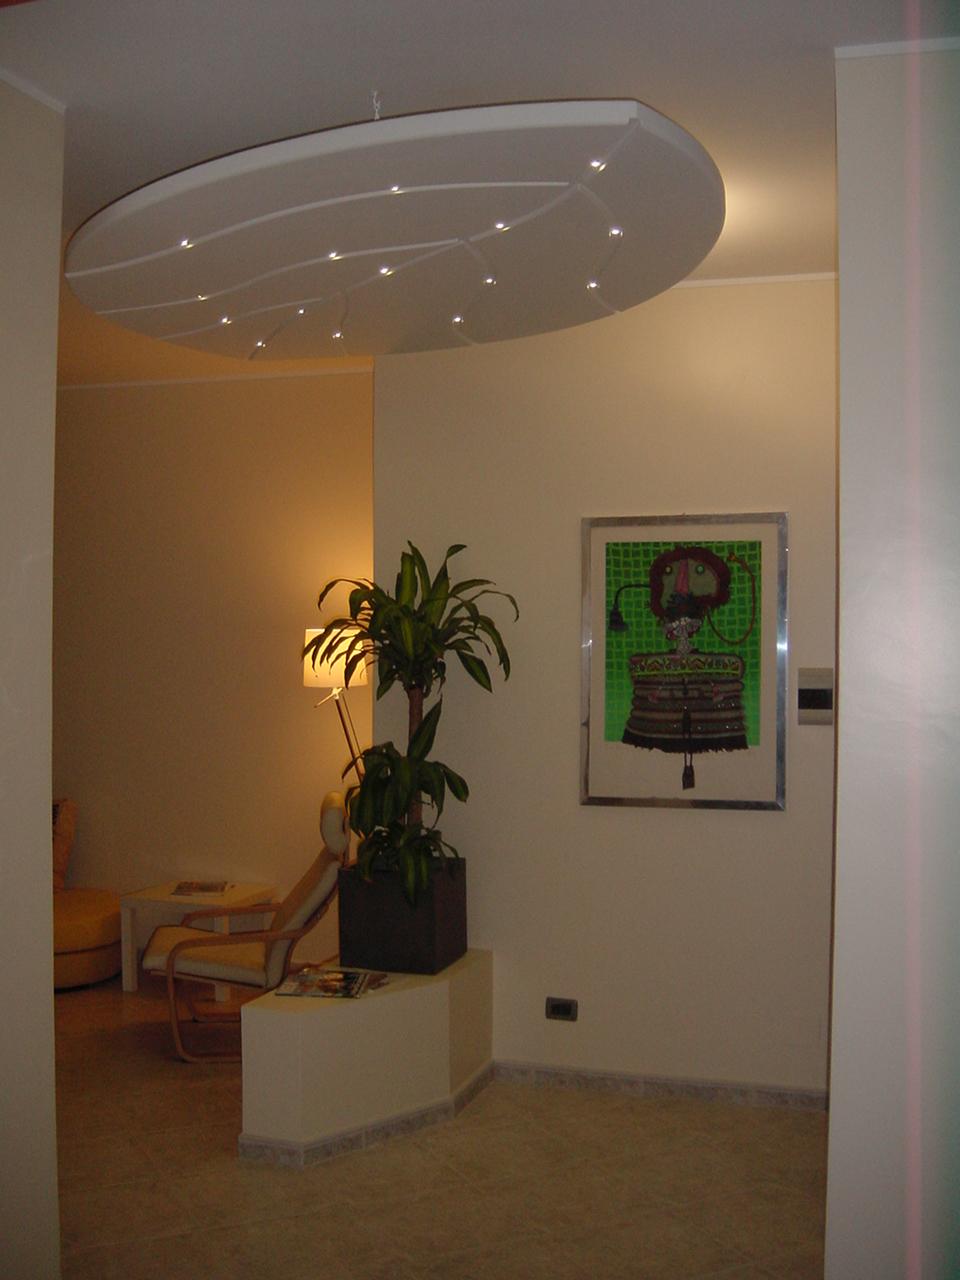 Bien connu Illuminazione Led casa: Utilizzo del controsoffitto con l  CW84